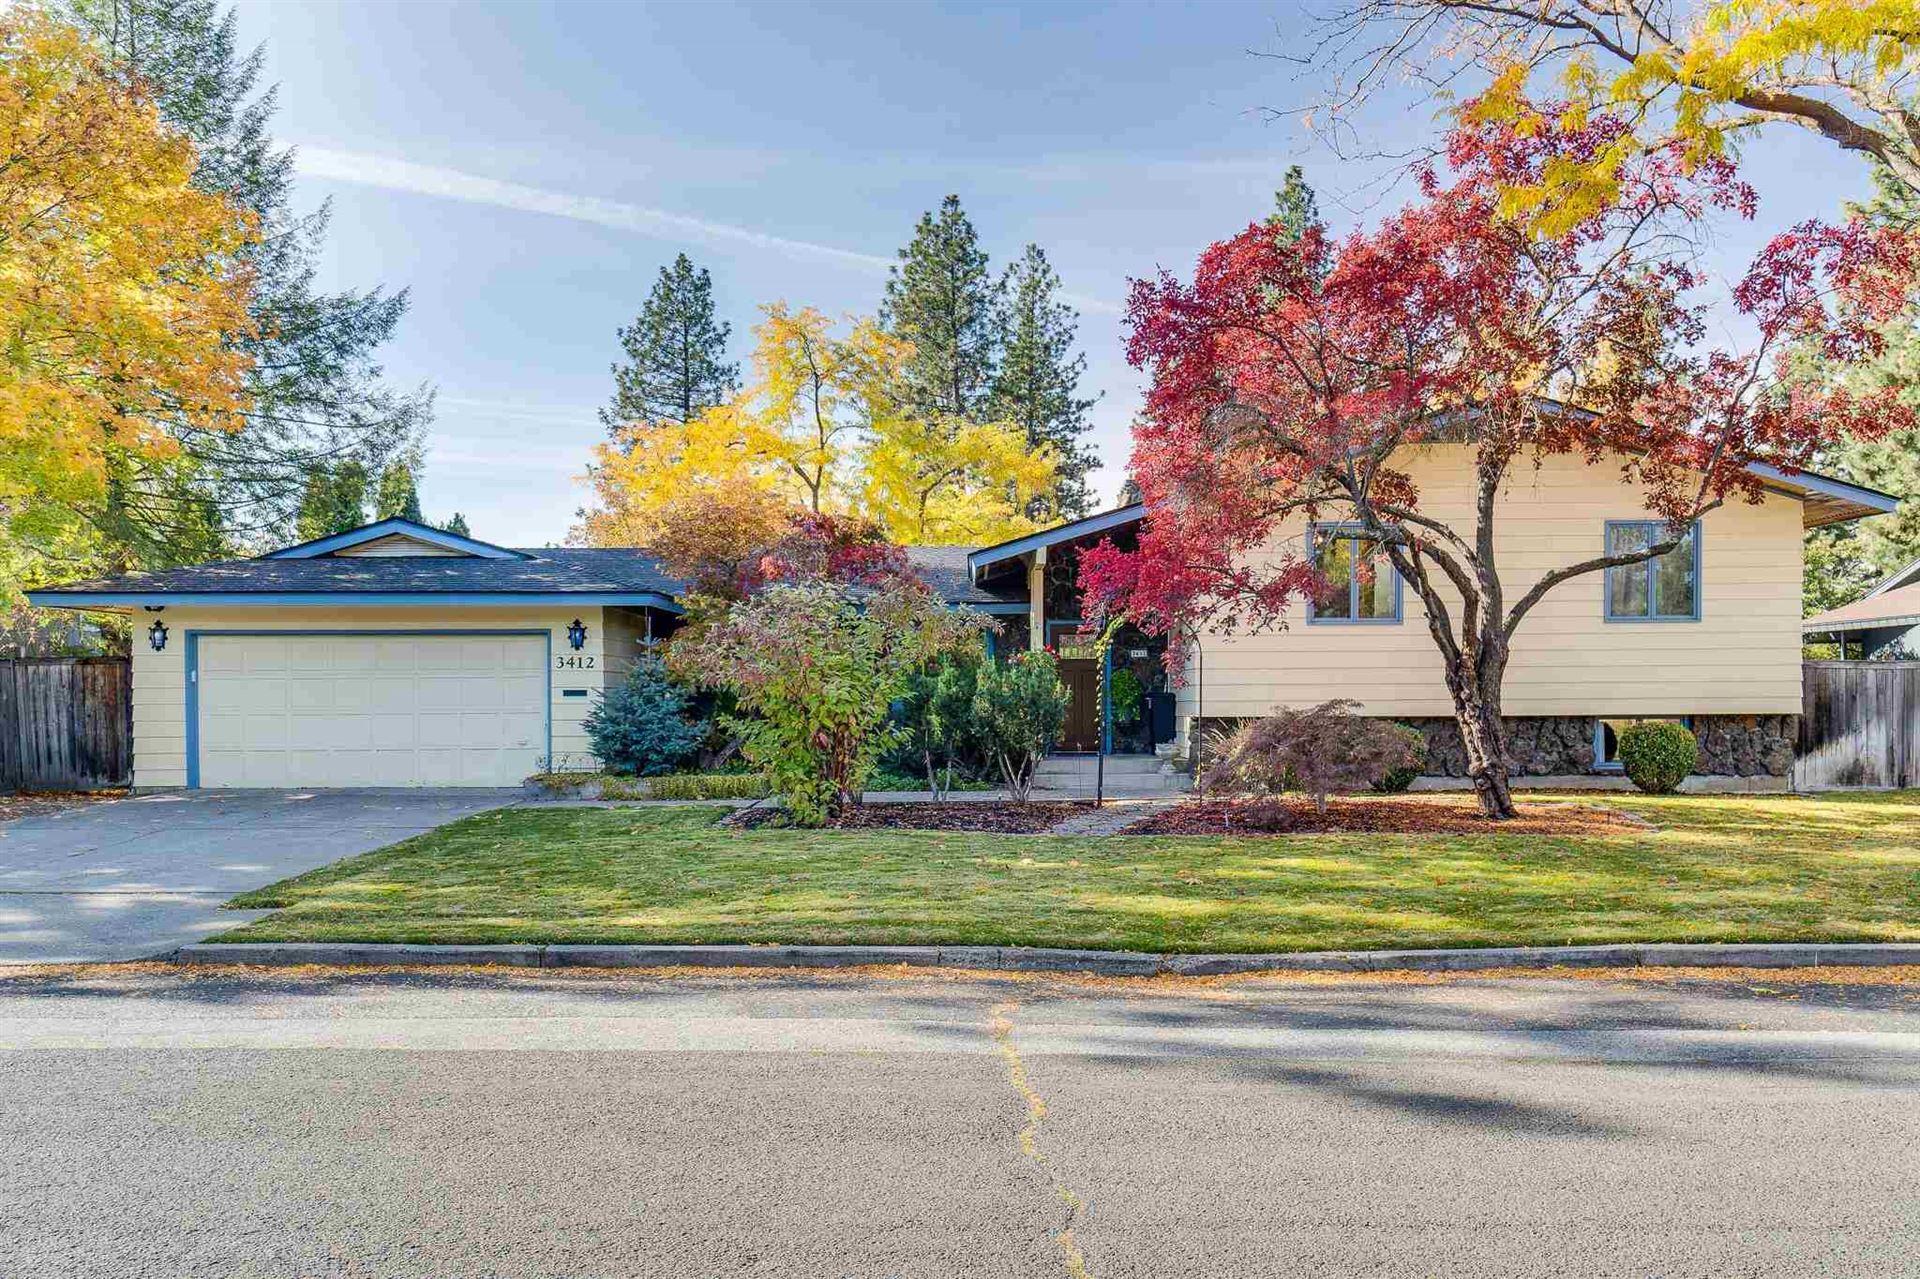 3412 S Jefferson Dr, Spokane, WA 99203-1421 - #: 202124108